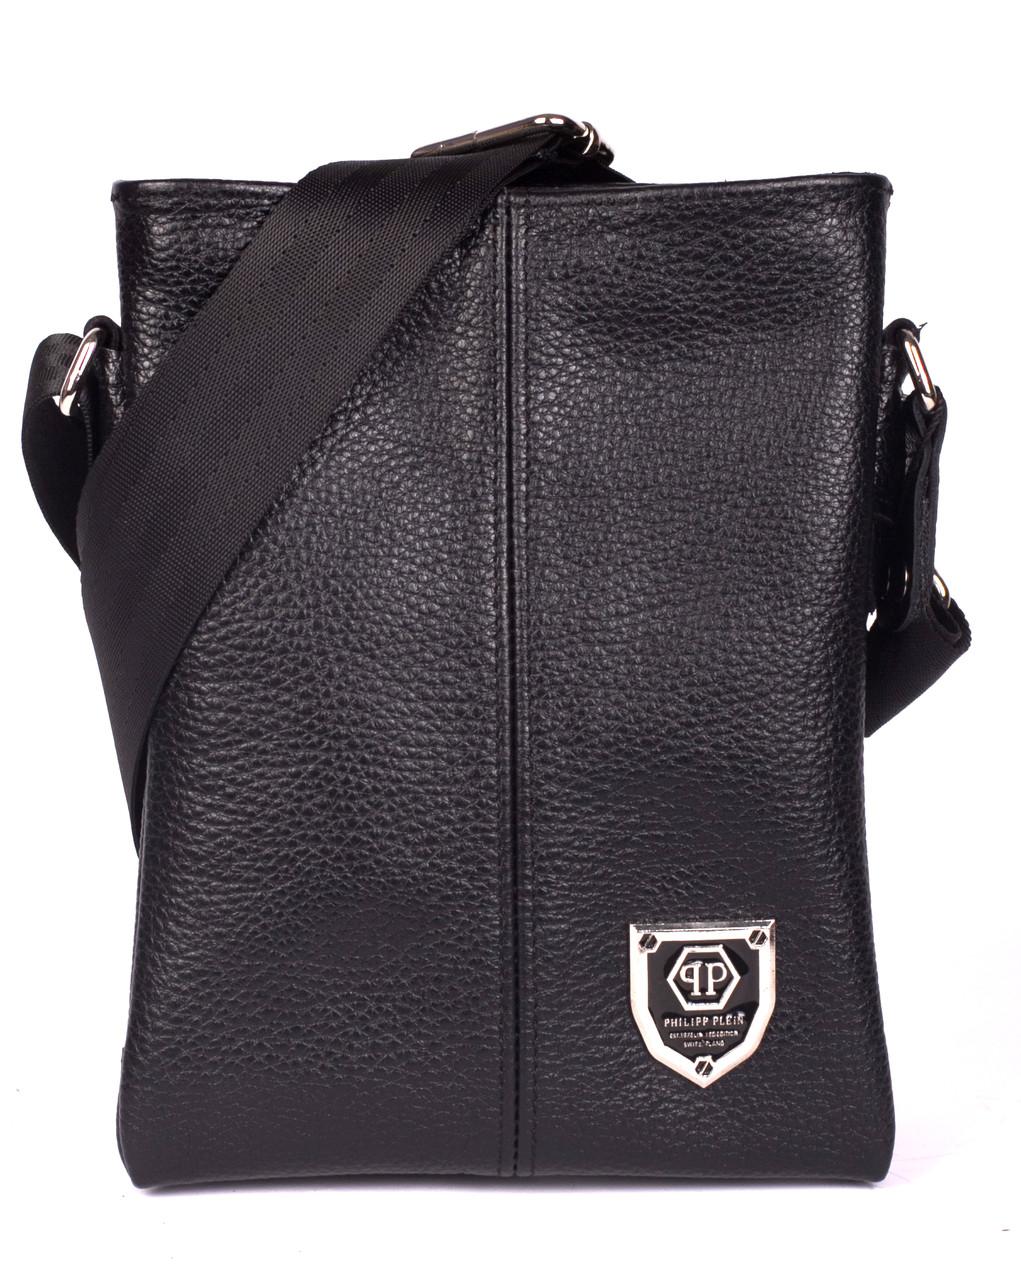 Кожаная мужская сумка Philipp Plein  19х16 см. Мужская сумка из натуральной кожи